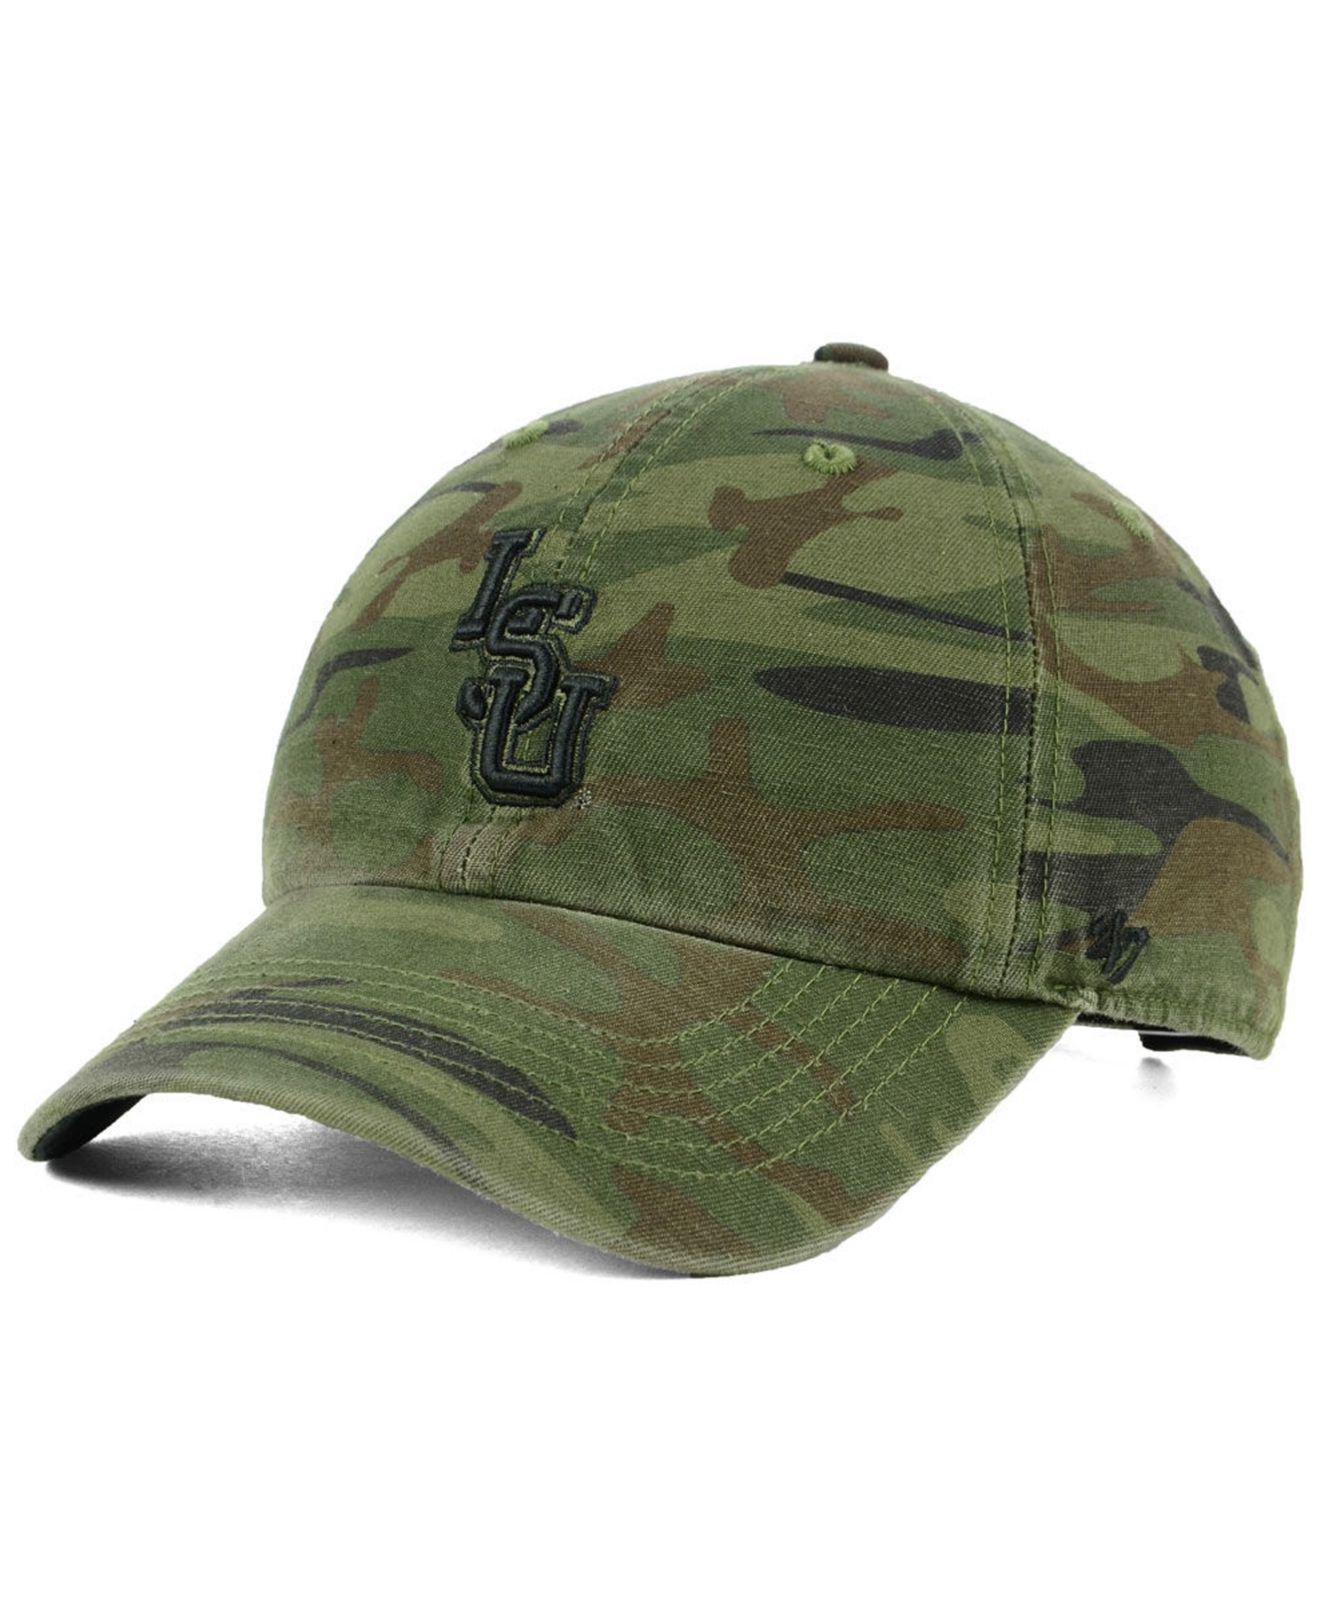 3c39336cc43 Lyst - 47 Brand Lsu Tigers Regiment Clean Up Strapback Cap in Green ...